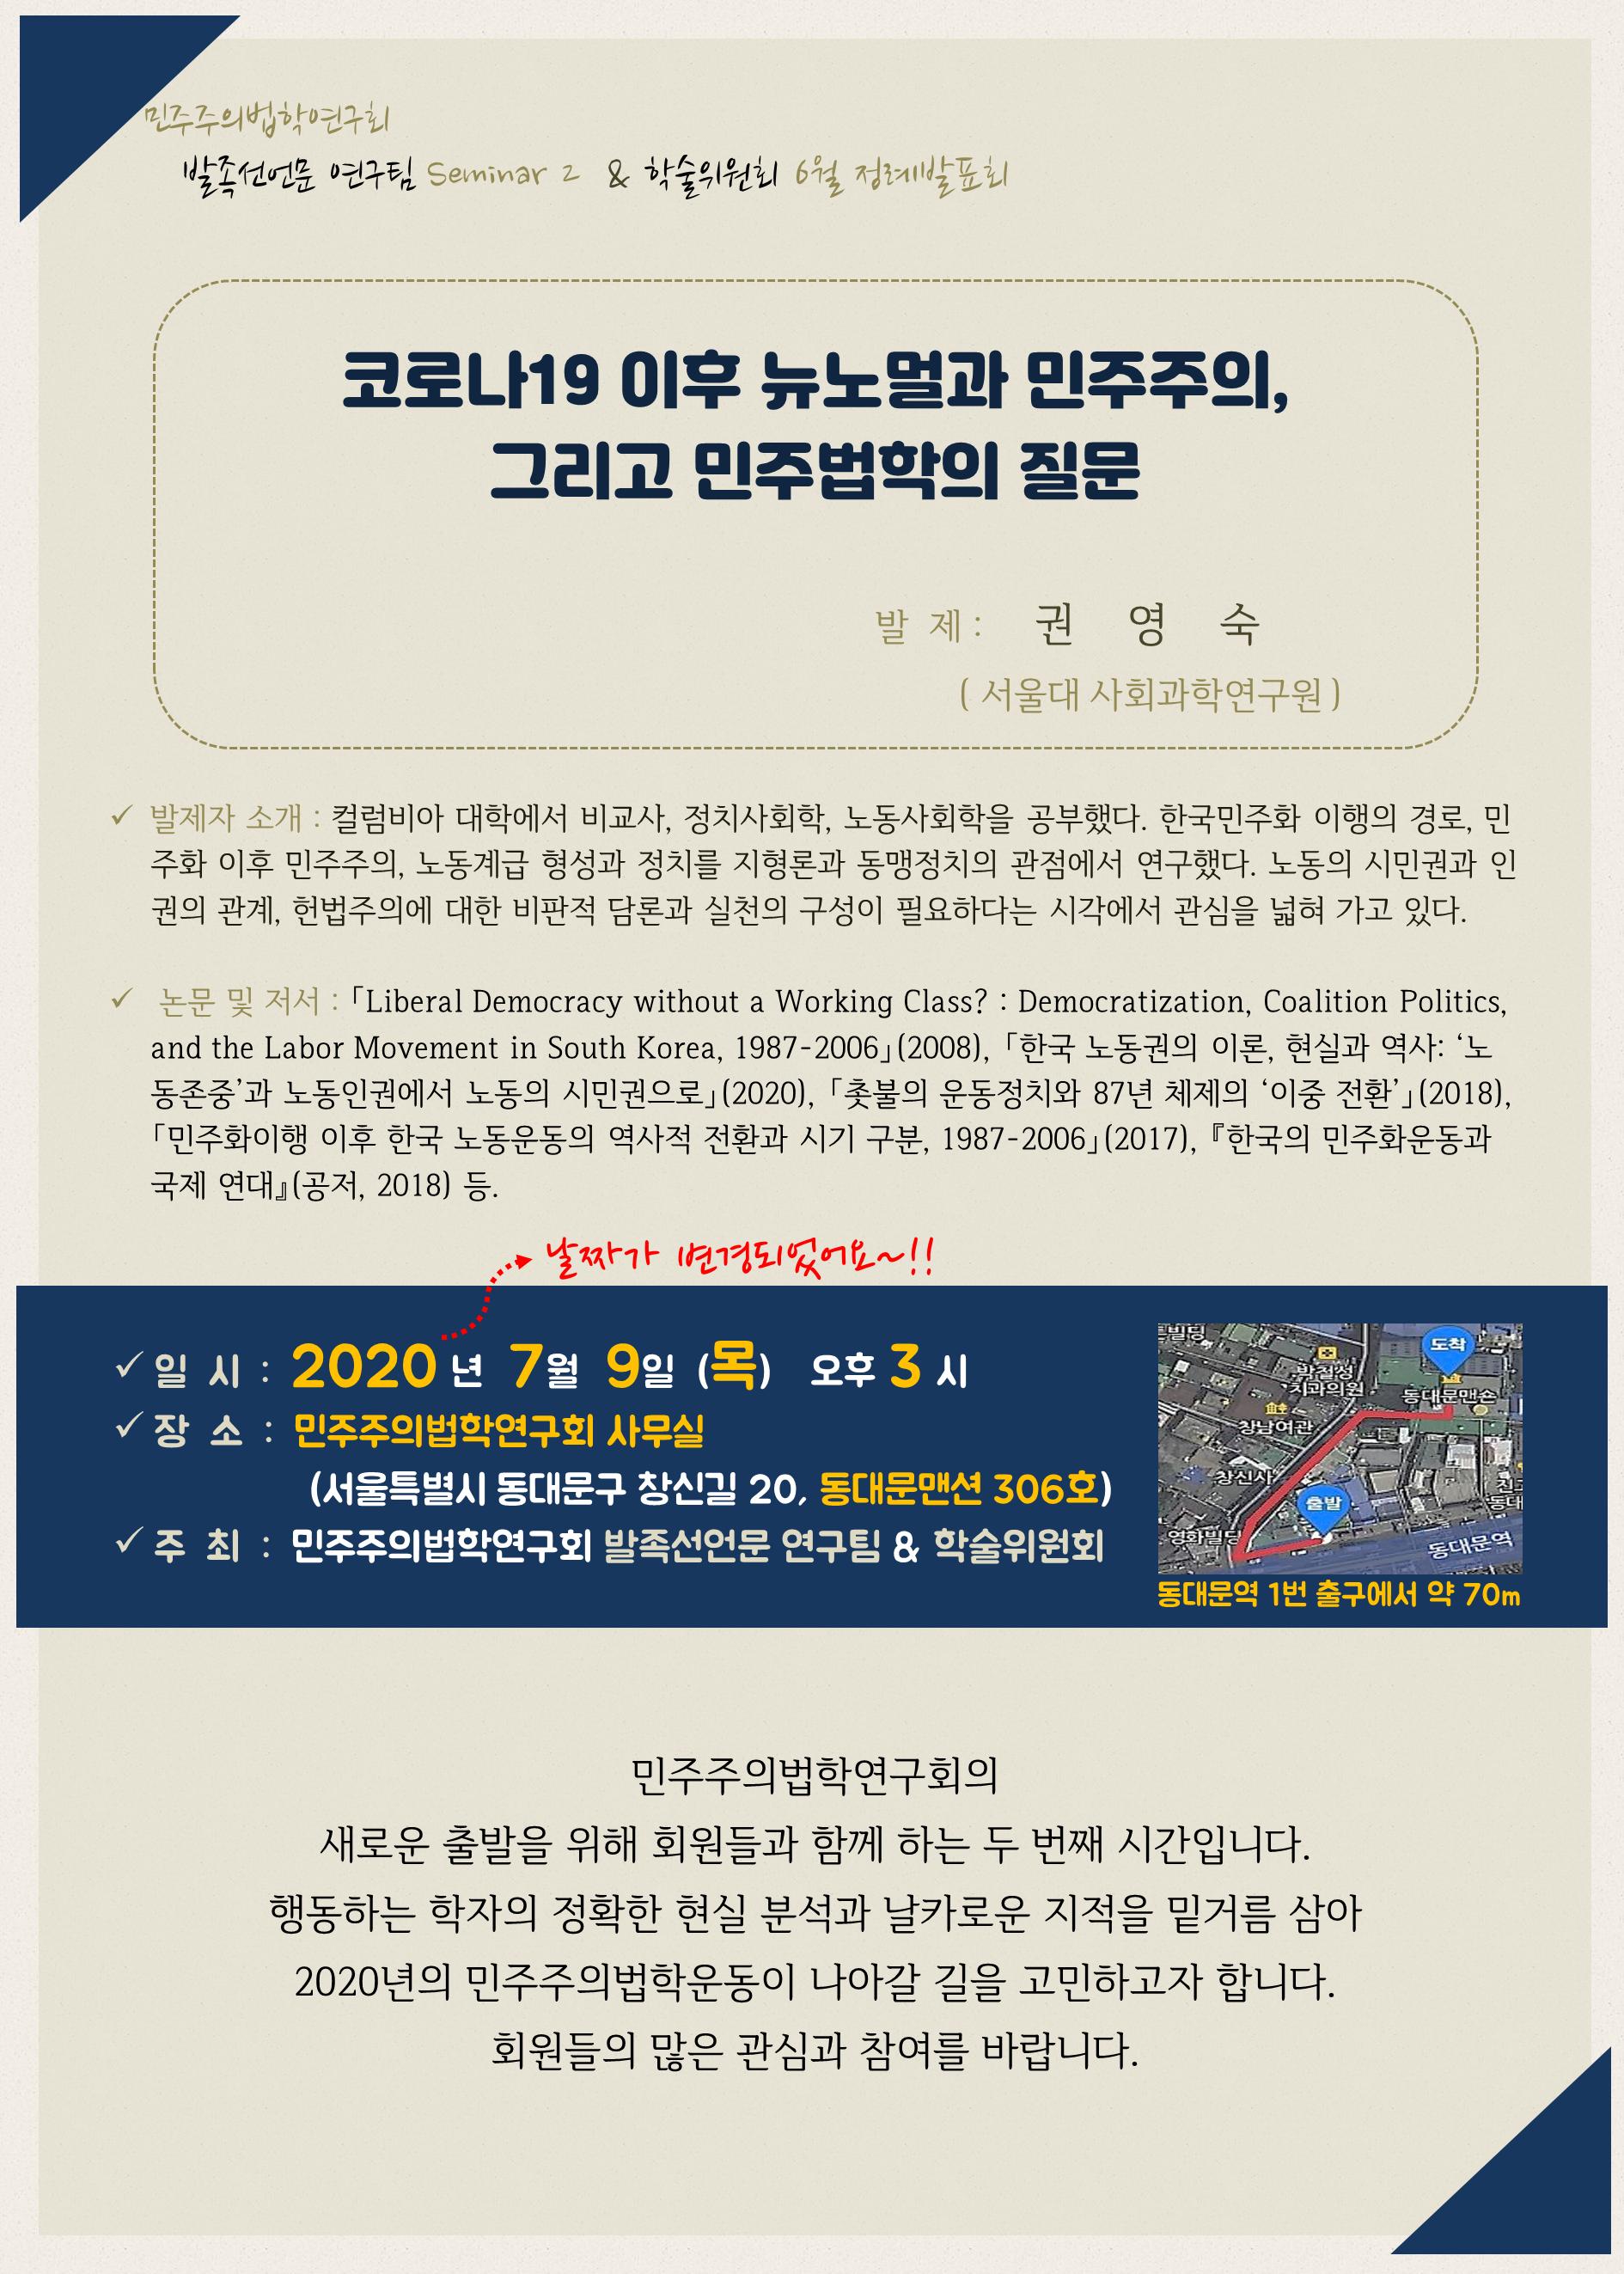 [세미나2] 발족선언문 연구팀 세미나 안내.png